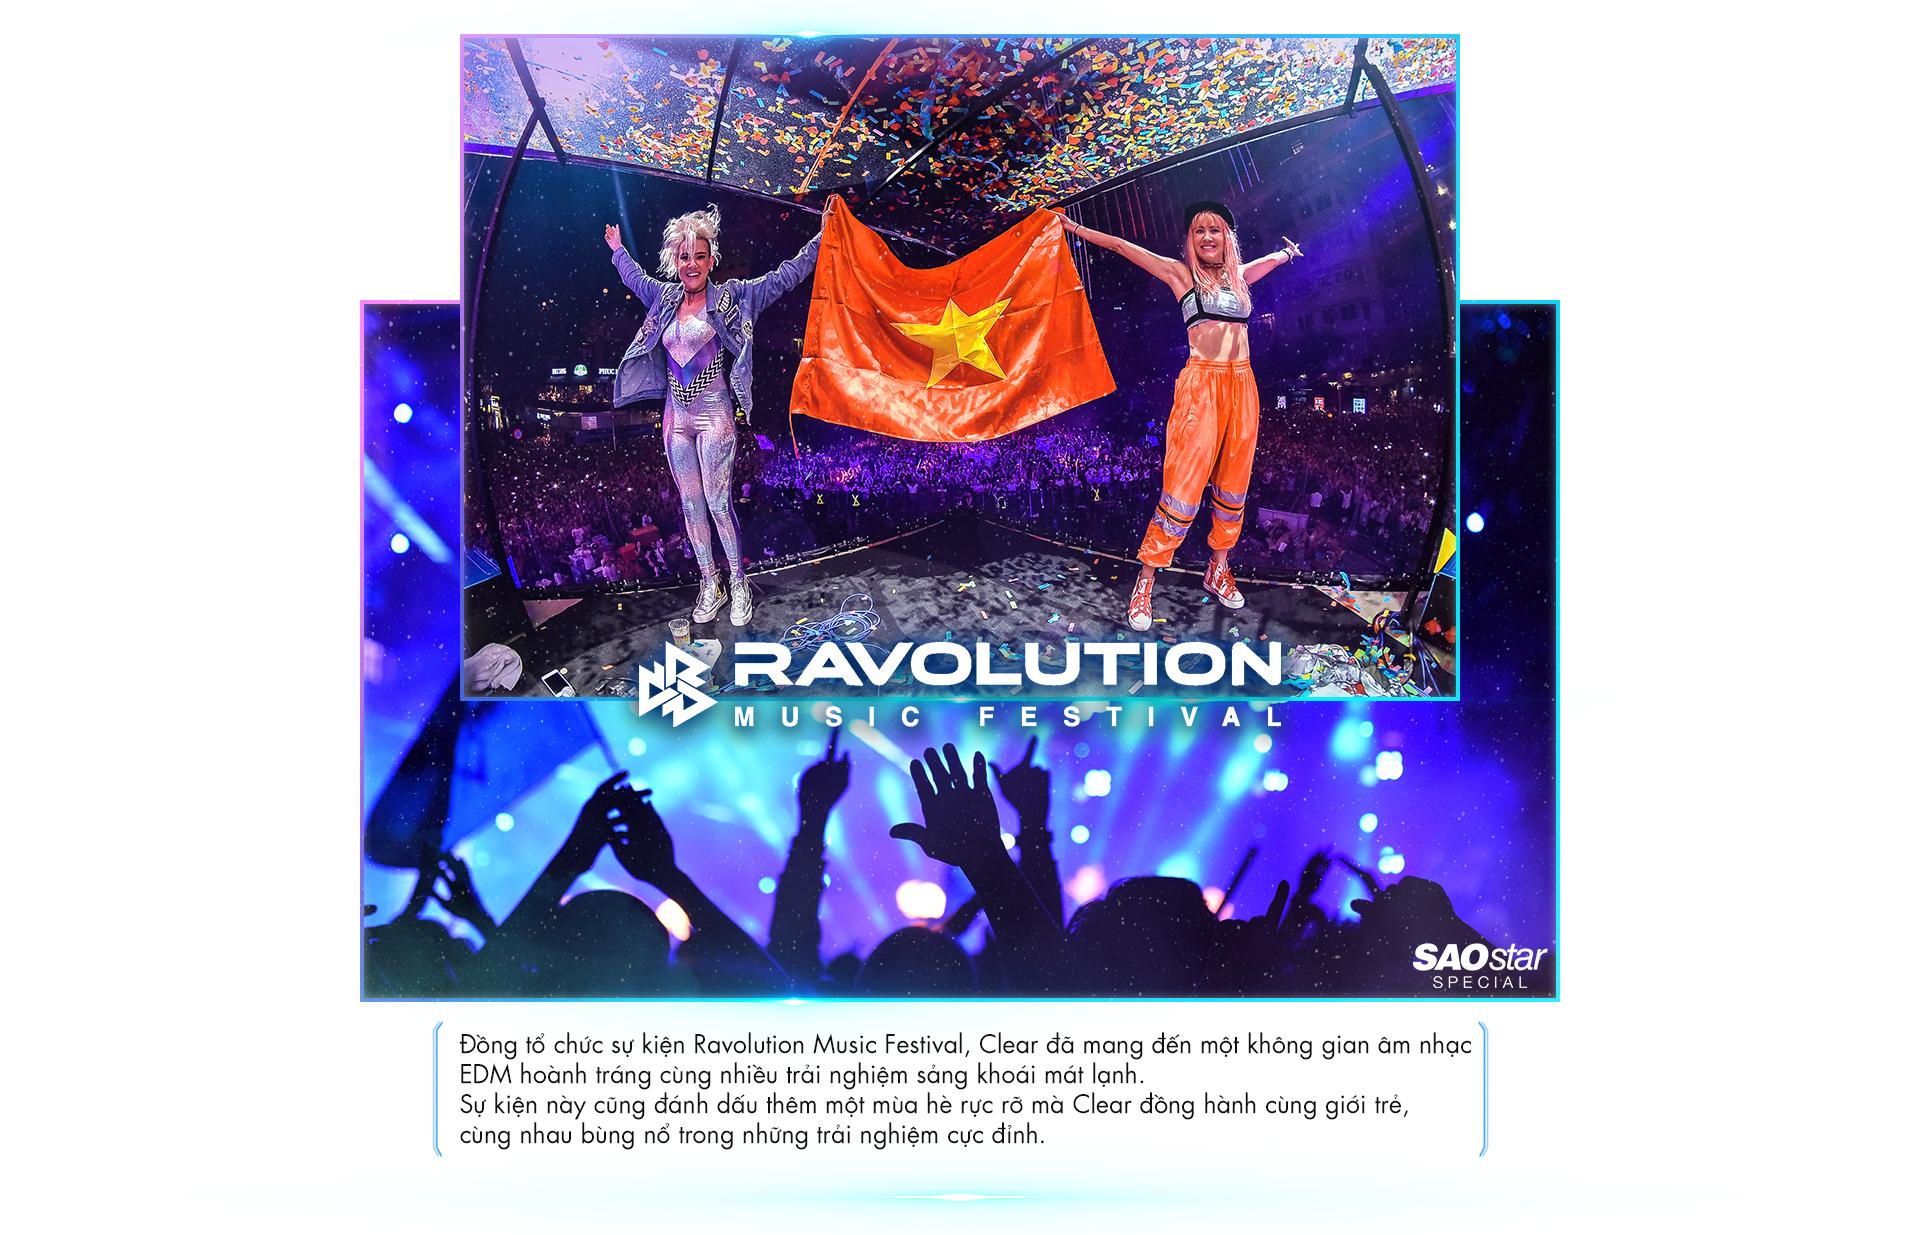 Không còn nghi ngờ gì nữa, Ravolution xứng đáng là sự kiện âm nhạc EDM 'đỉnh' nhất hè này